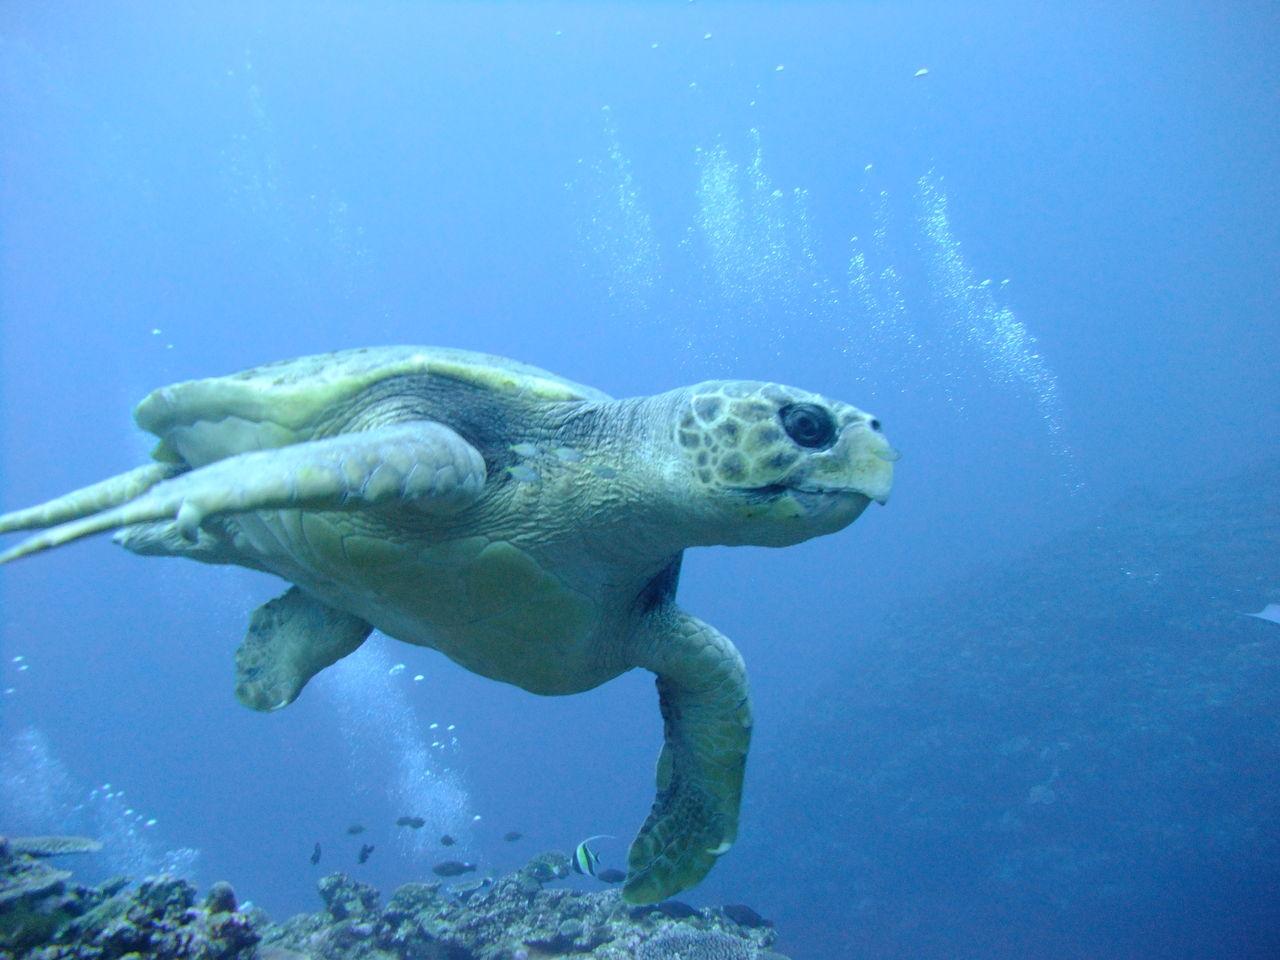 アカウミガメの画像 p1_38